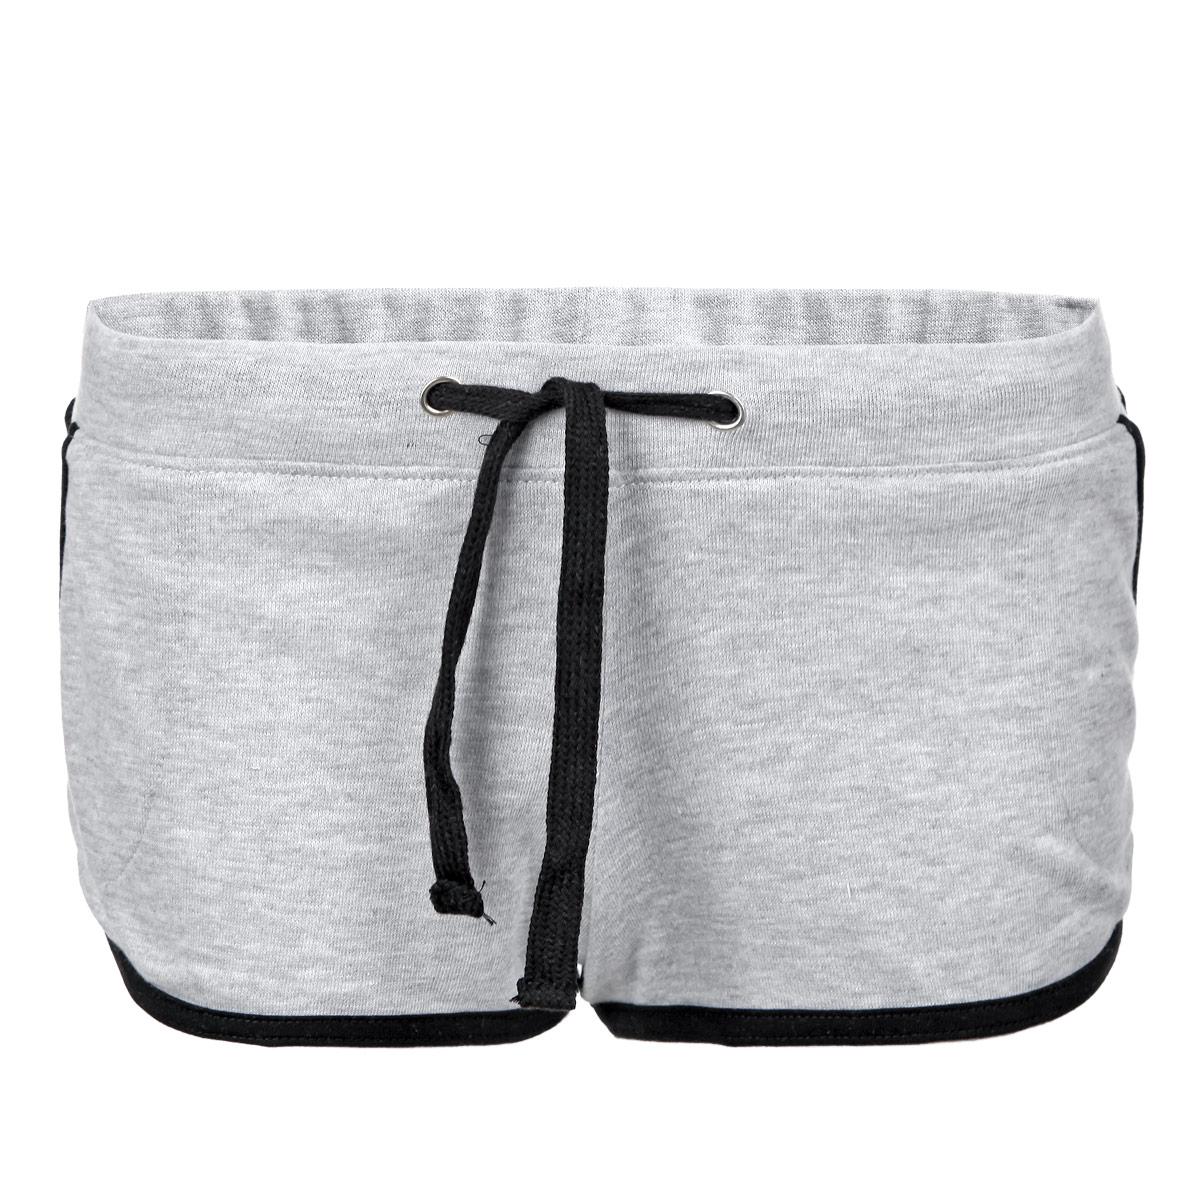 Шорты женские. L-SH-1713L-SH-1713 BLACKОчаровательные летние шорты Moodo выполнены из полиэстера с добавлением хлопка. Модель на широкой эластичной резинке, затягивается на кулиску. Шорты спереди дополнены двумя втачными карманами. Низ изделия и боковые швы отделаны контрастной бейкой. Стильные шорты - незаменимая вещь в летнем гардеробе каждой девушки.